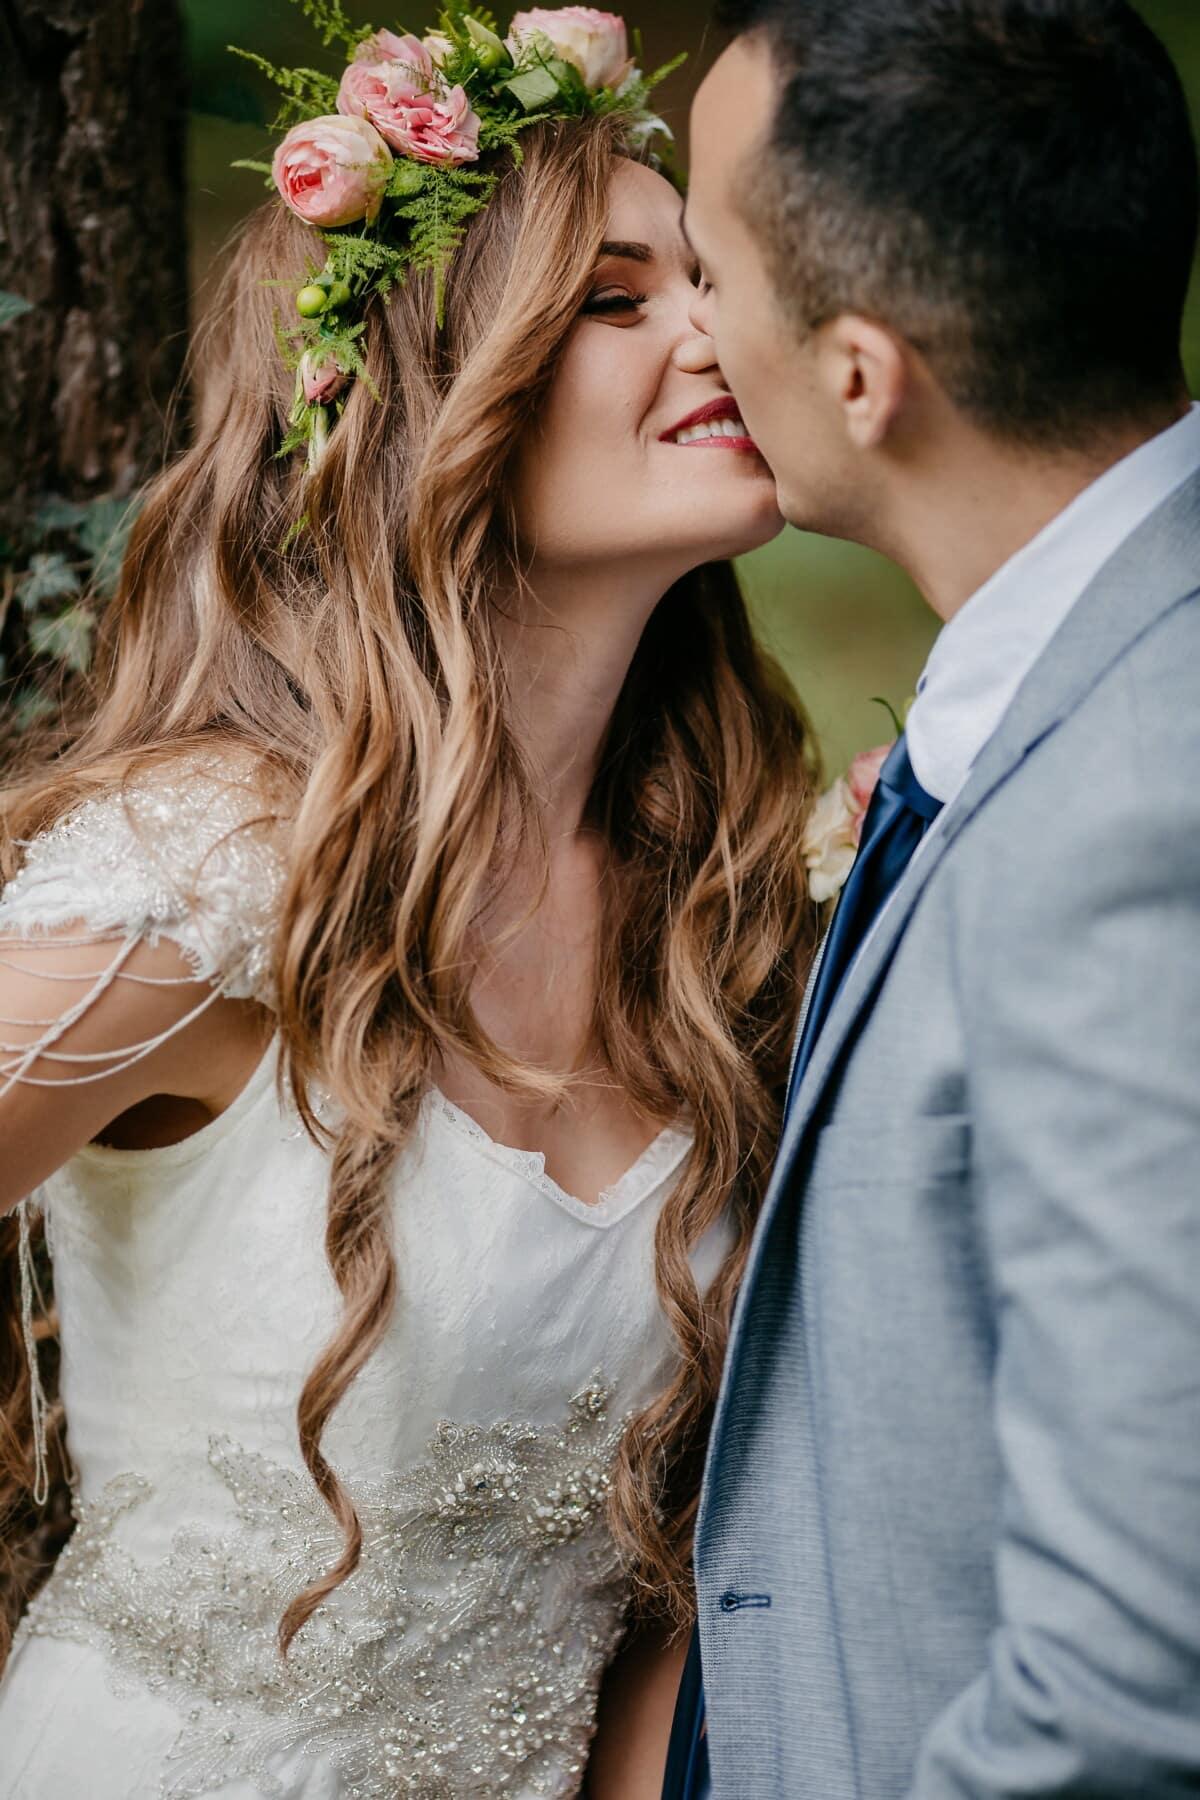 Brünette, herrlich, Freund, Kuss, Liebesbeziehung, Liebe, attraktiv, Frau, ziemlich, Hochzeit